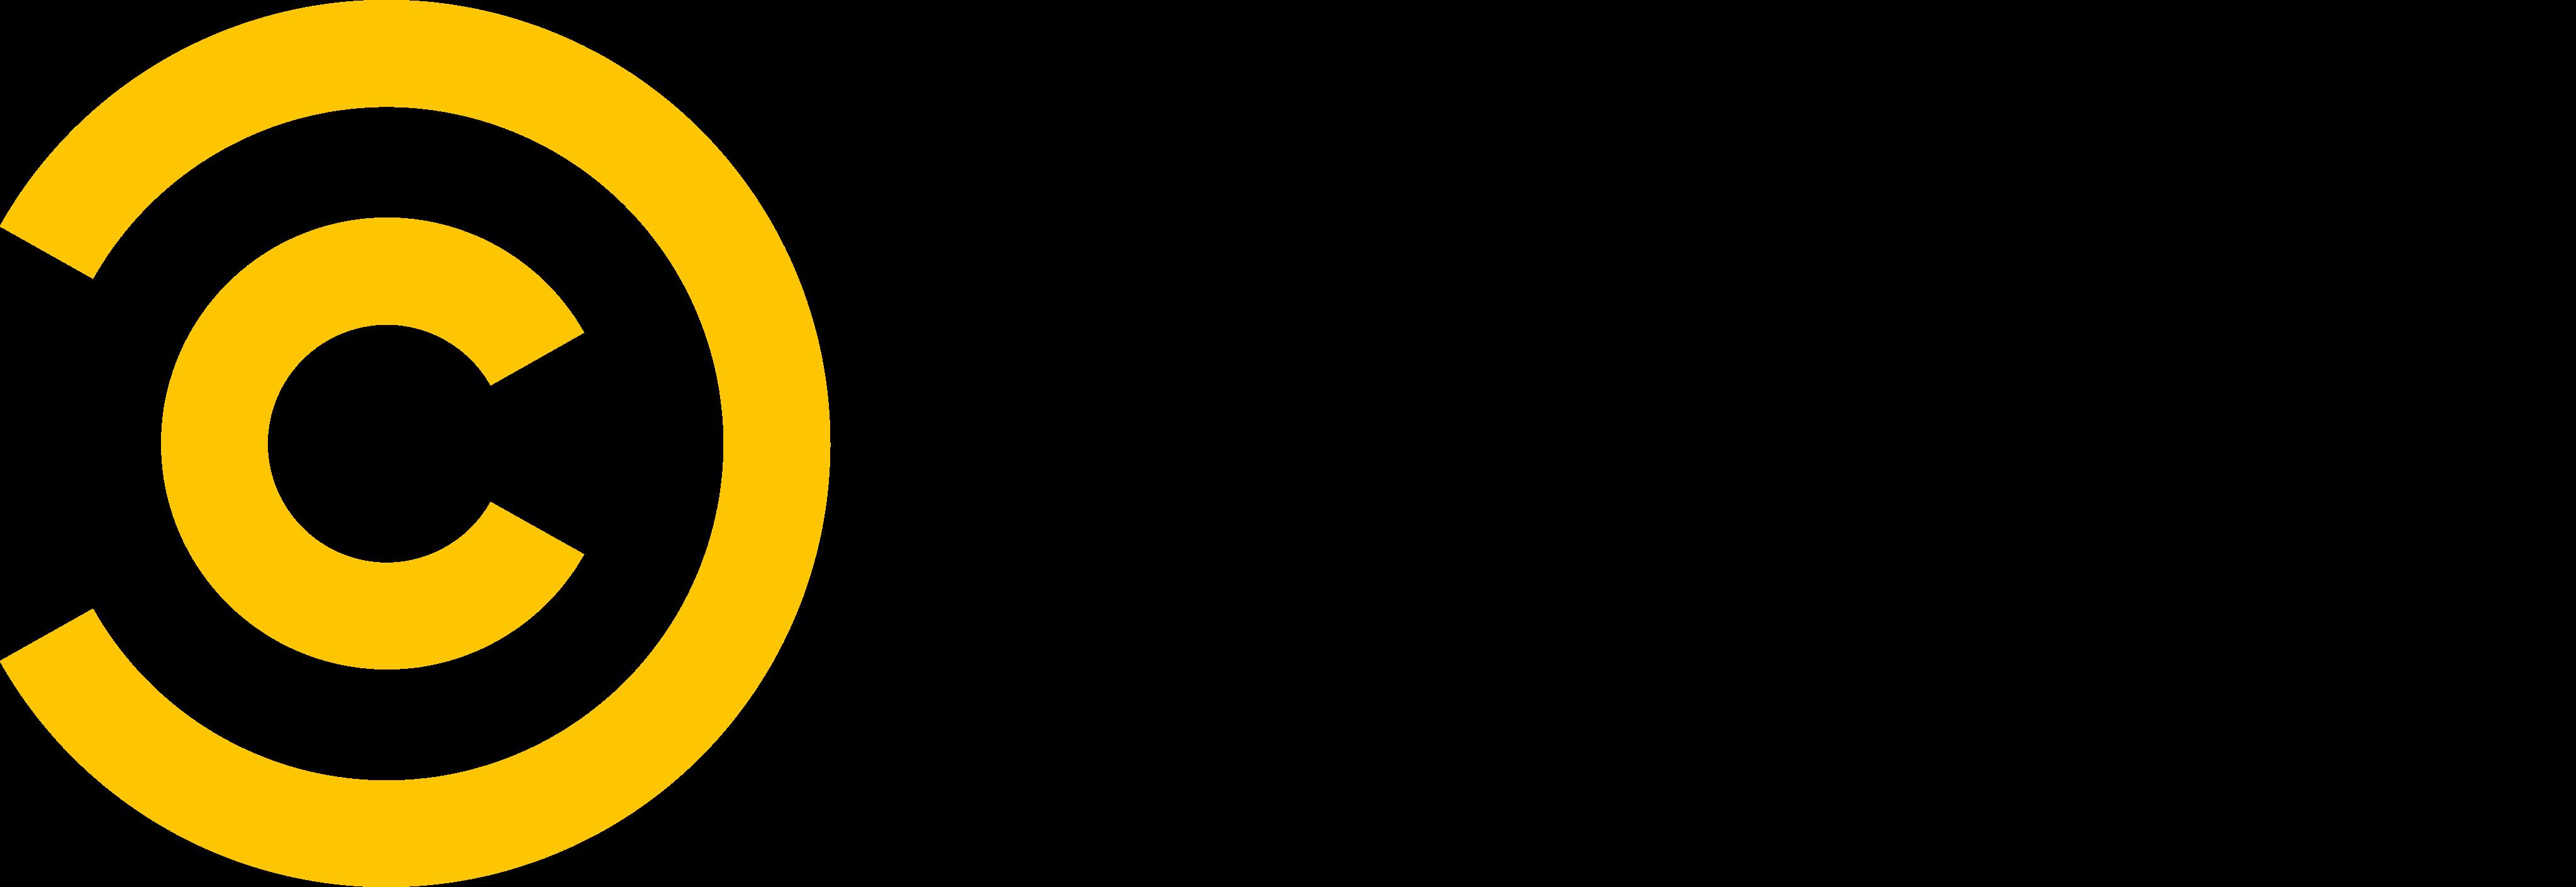 comedy central logo 1 - Comedy Central Logo